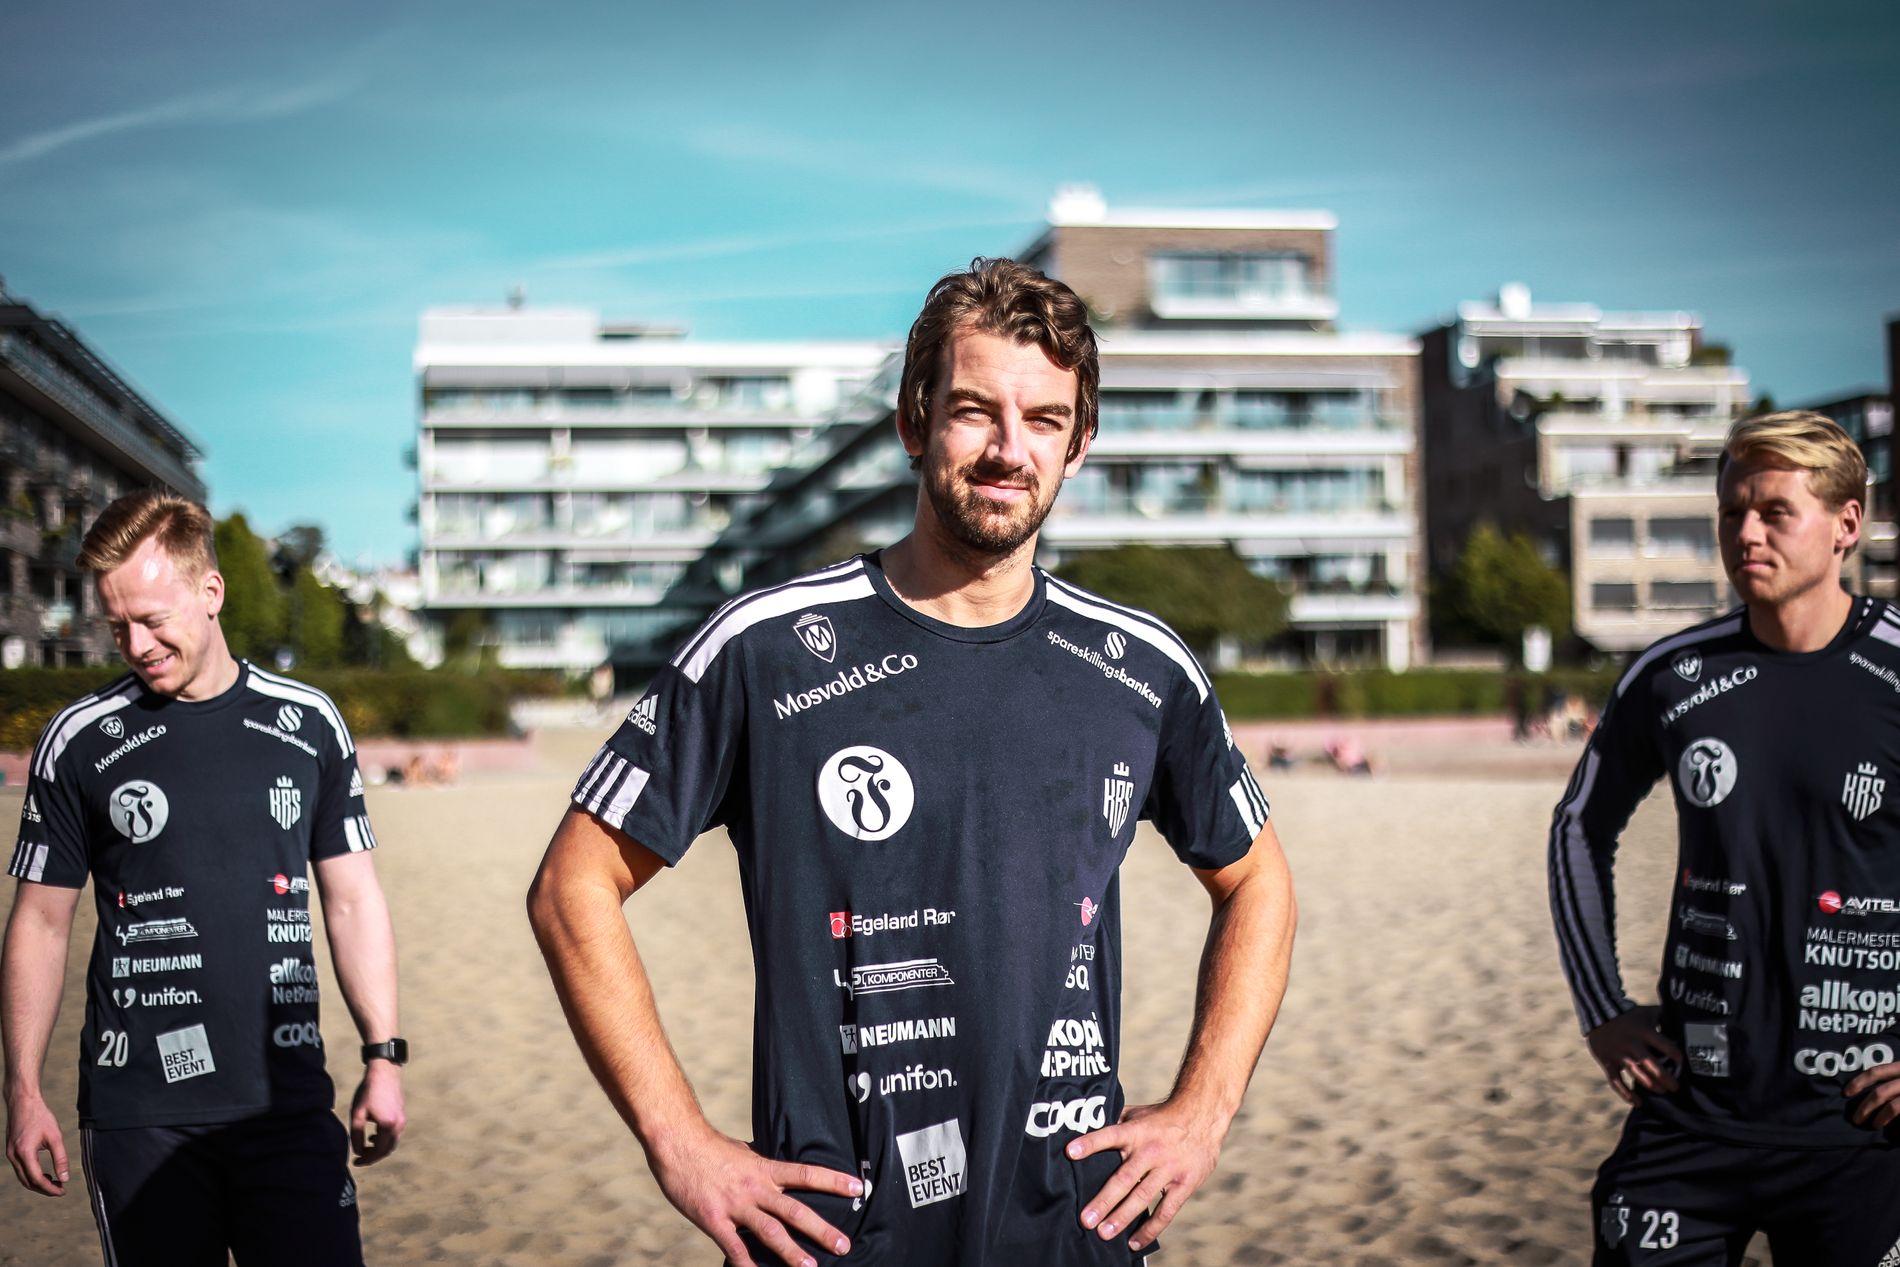 Øyvind Frigstad (i midten) på Bystranda. Her fotografert sammen med Preben Egeli (til venstre bak) og Sebastian Schultz Hansen (til høyre bak).